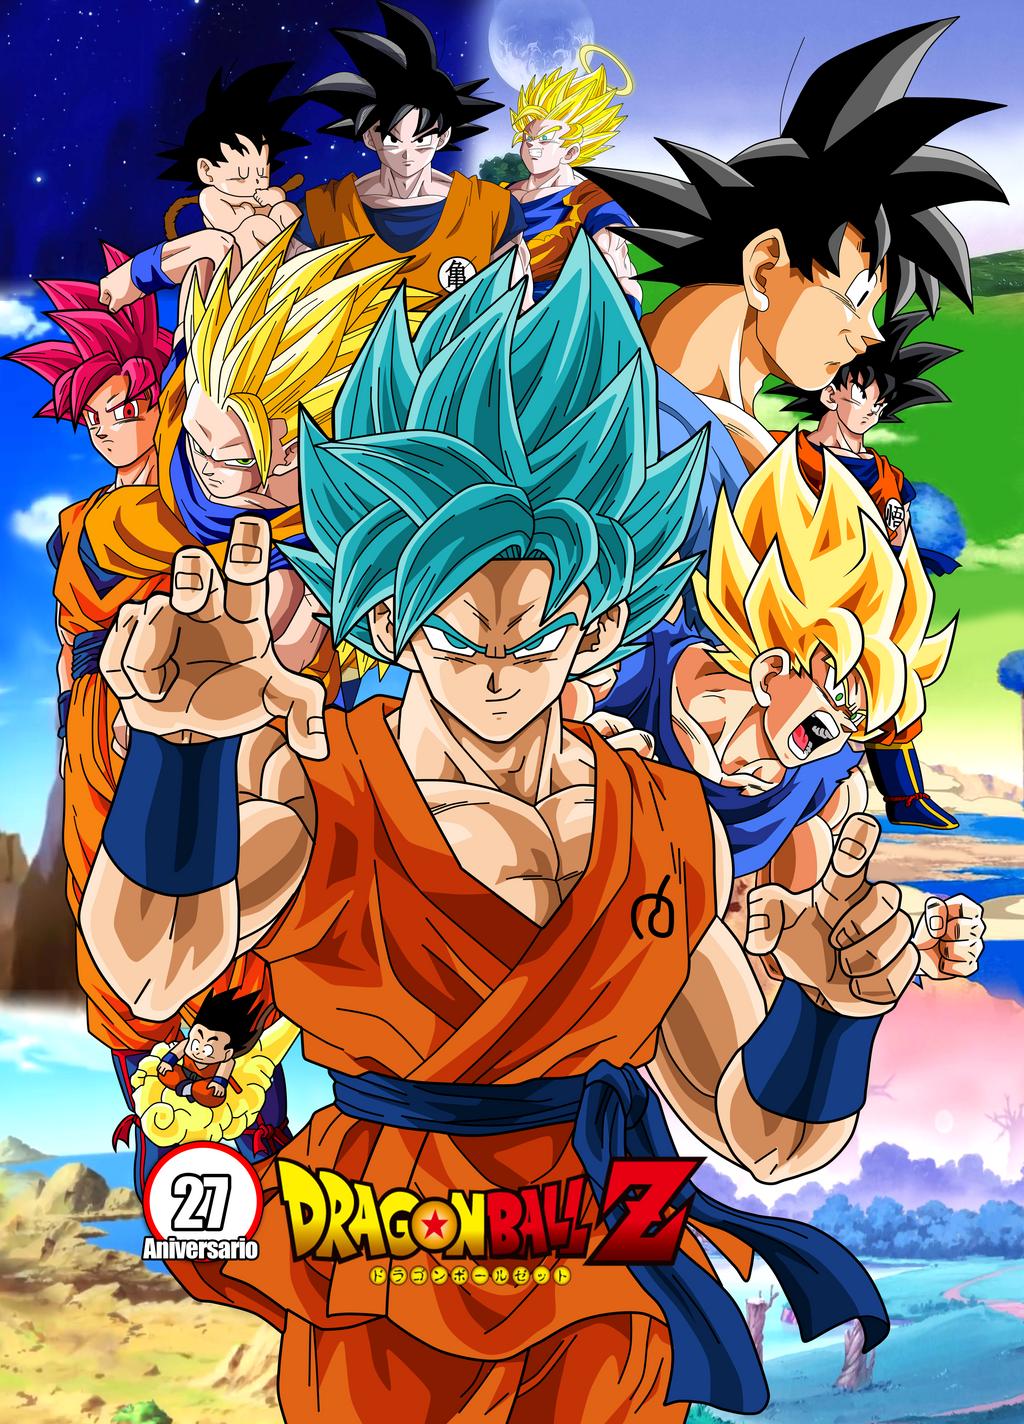 Poster Dragon Ball Z 27 Aniversario